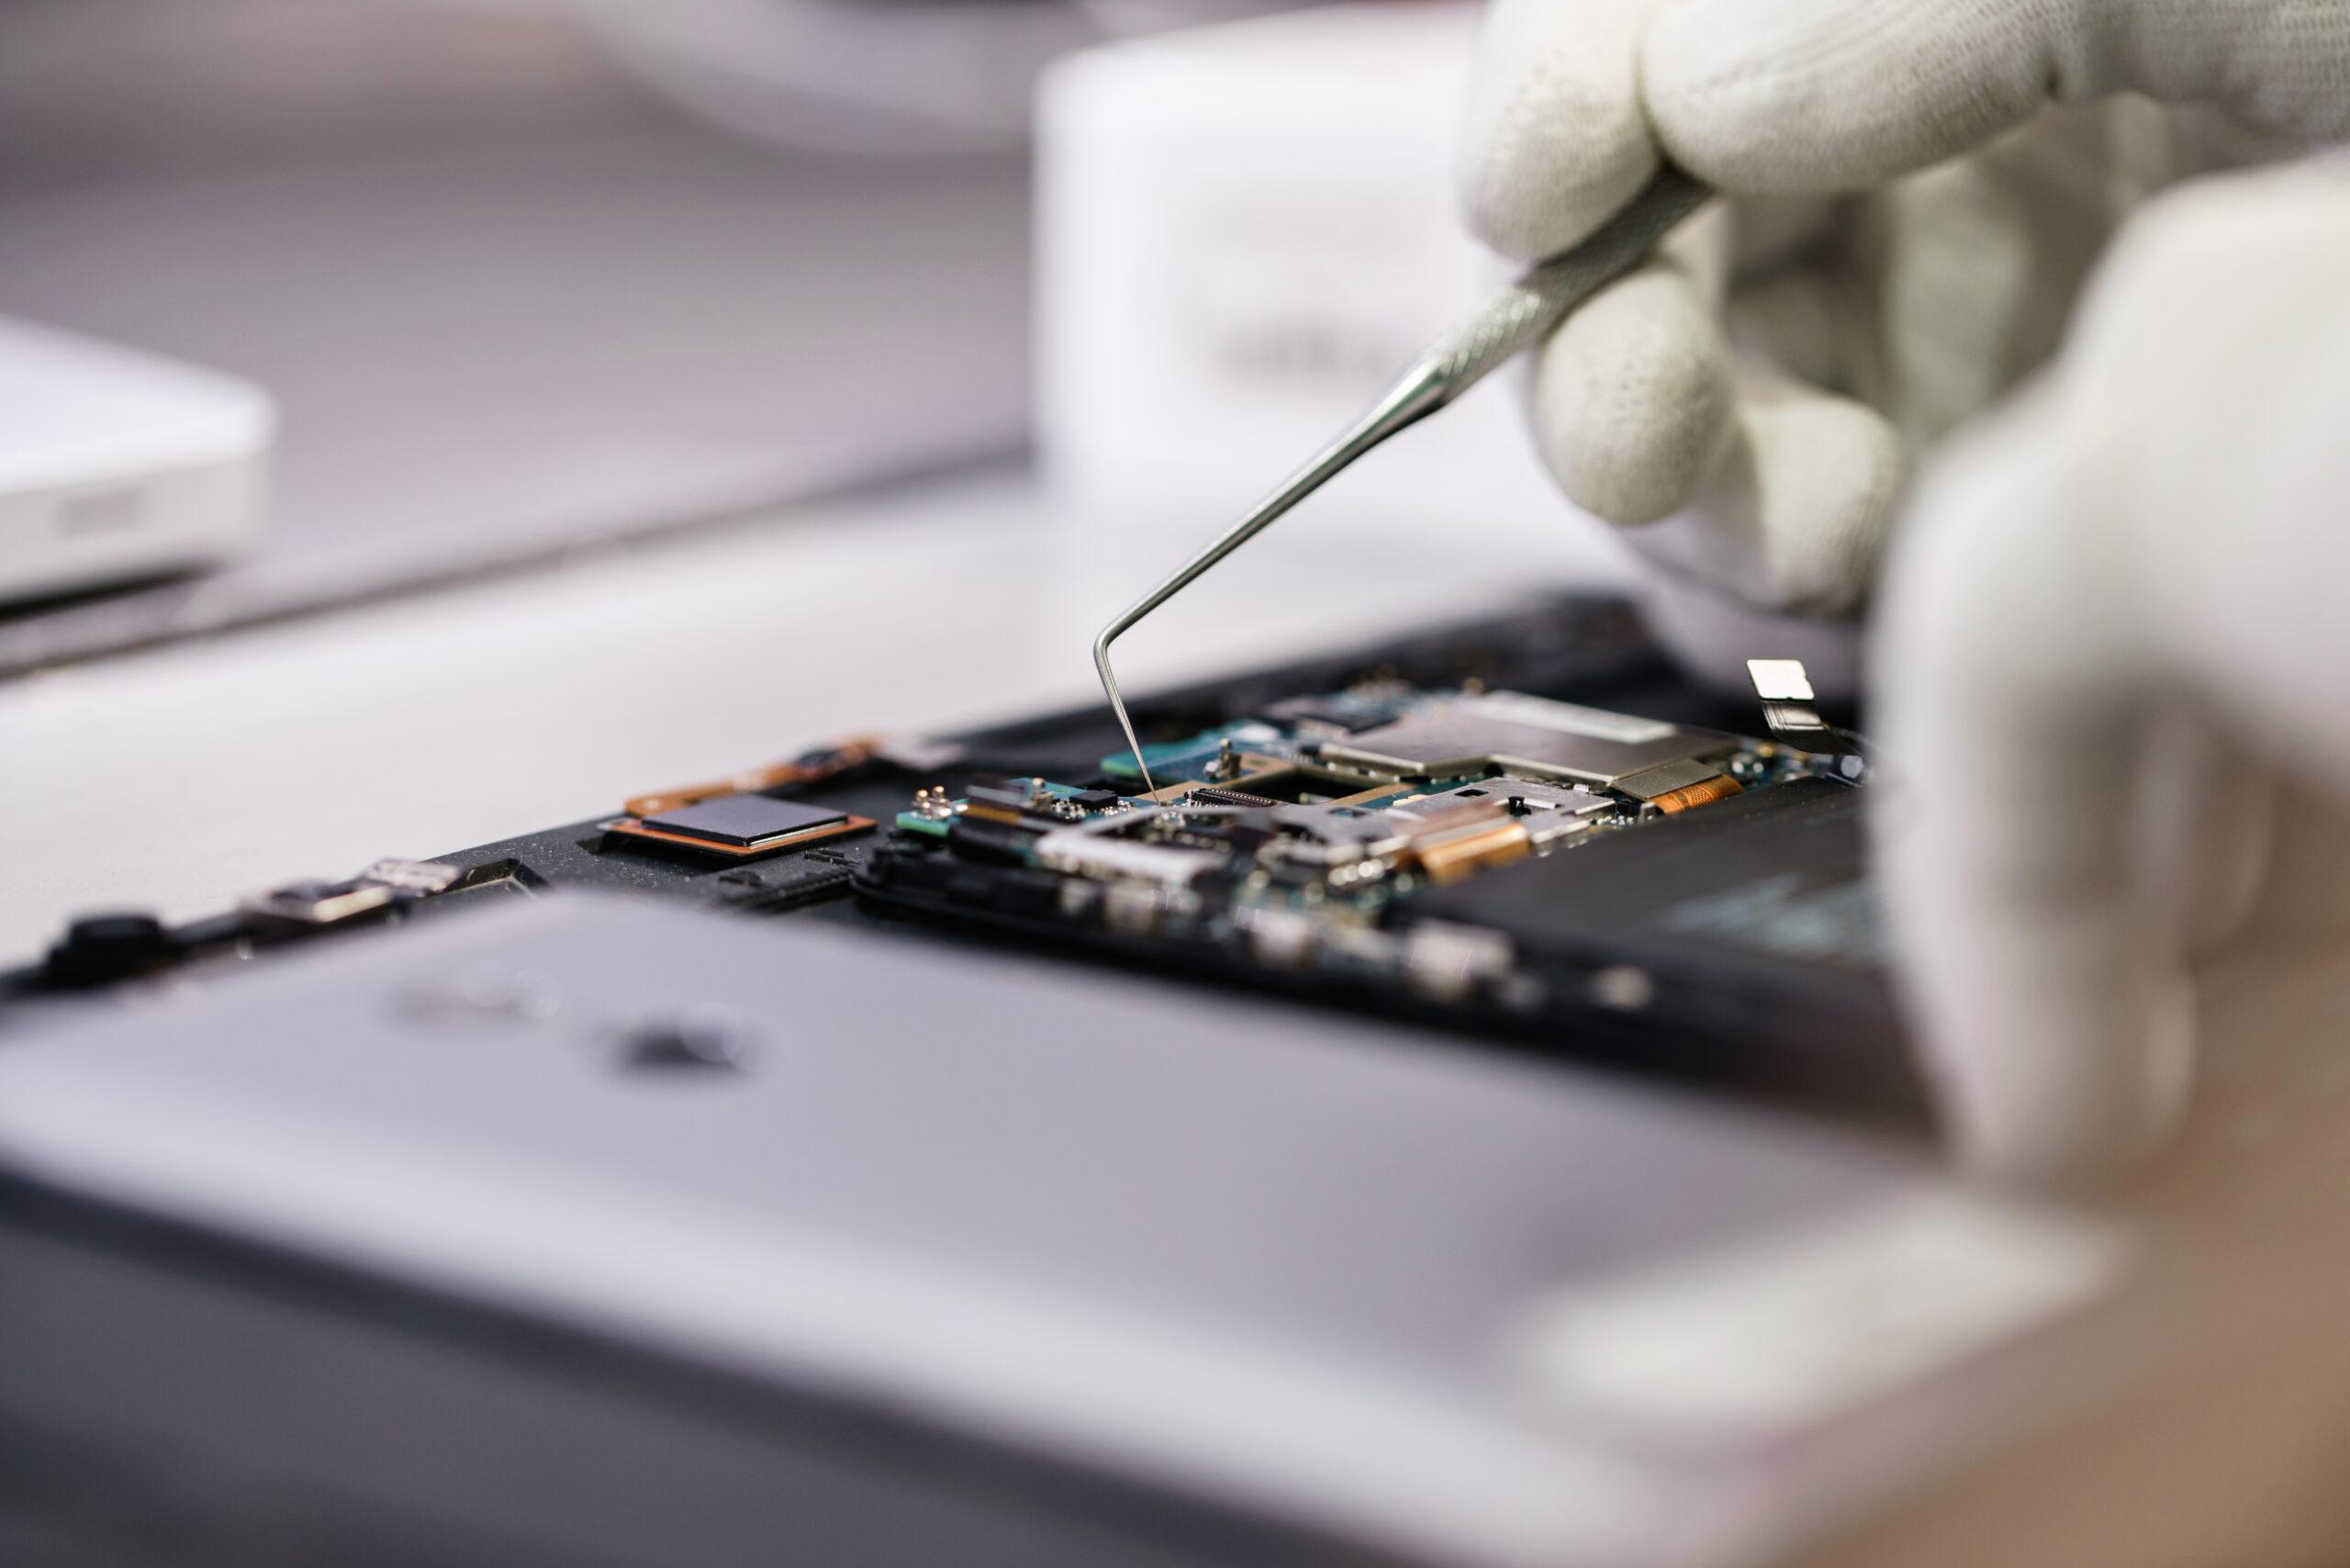 Nahaufnahme Hände eines Servicemitarbeiters, der ein modernes Smartphone repariert.